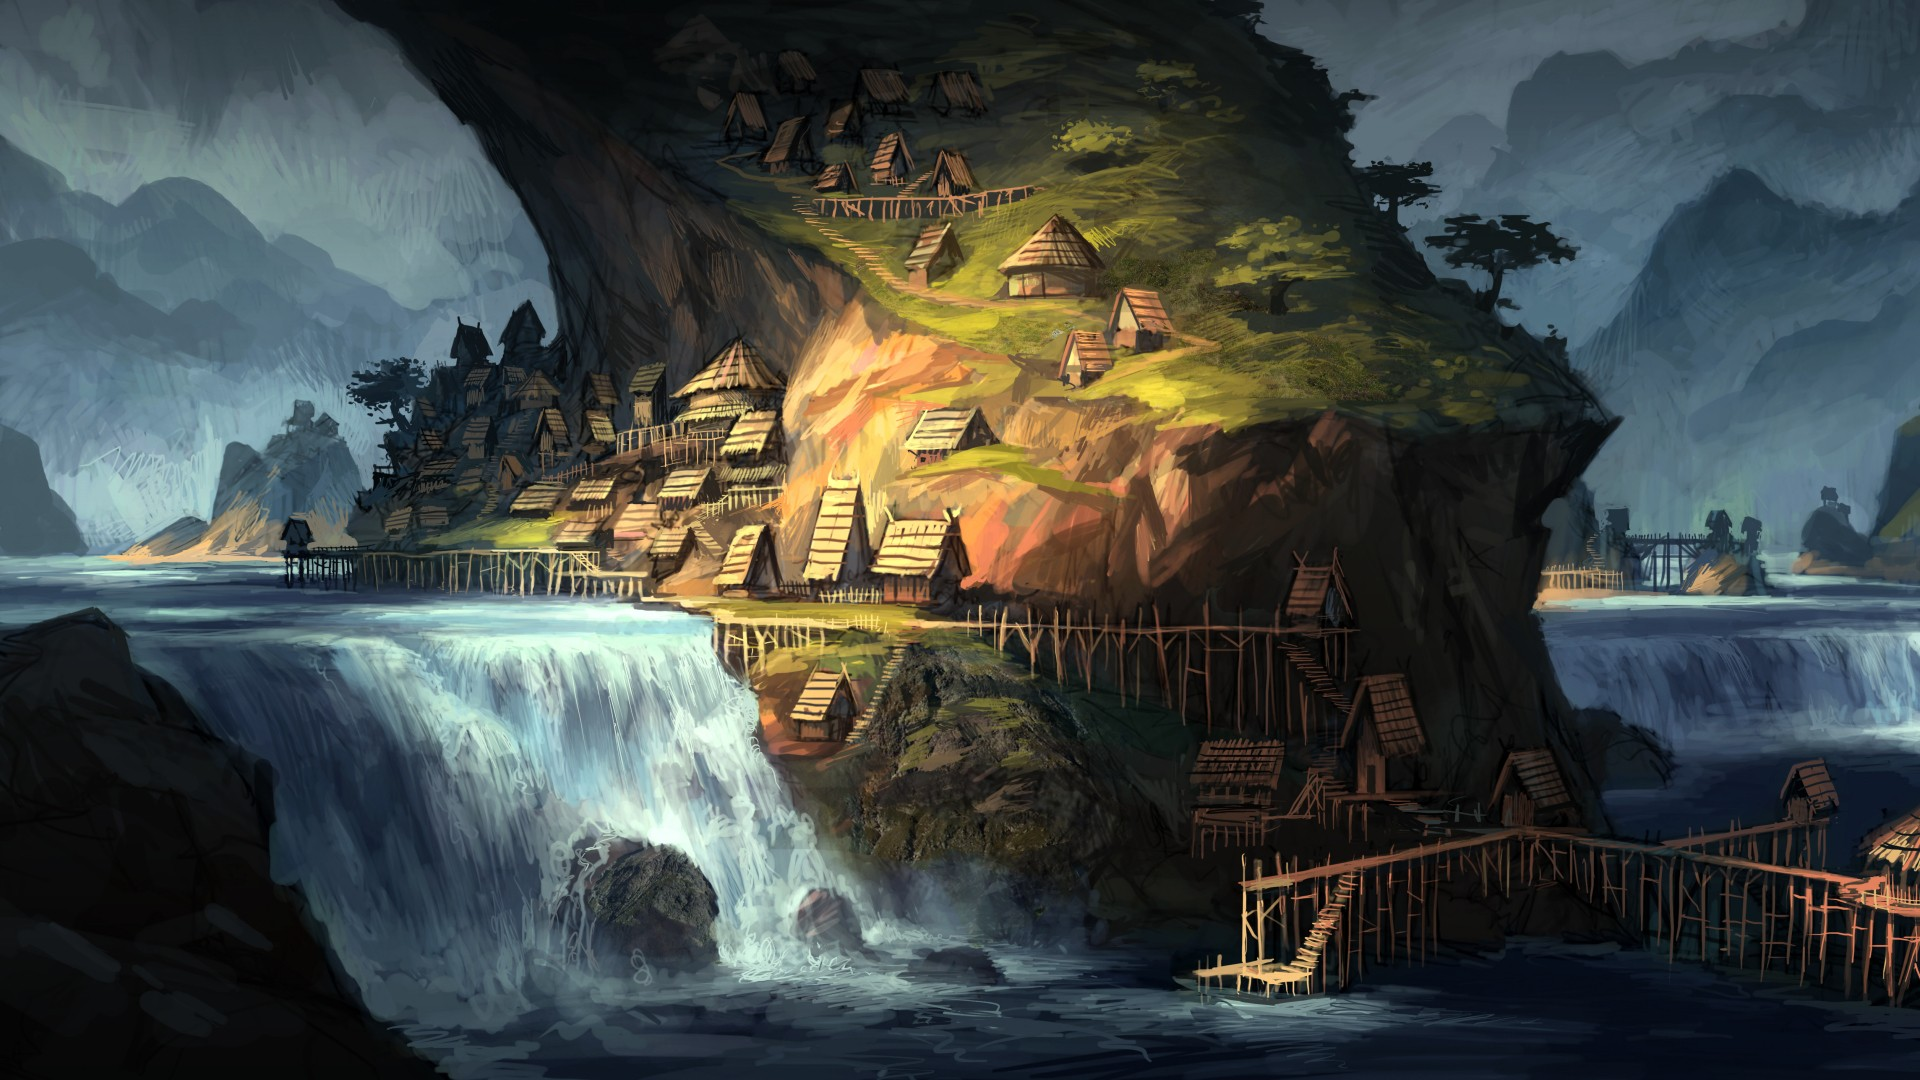 Stunning Hd Fantasy Gaming Desktop Wallpapers: Fantasy Wallpaper 1920x1080